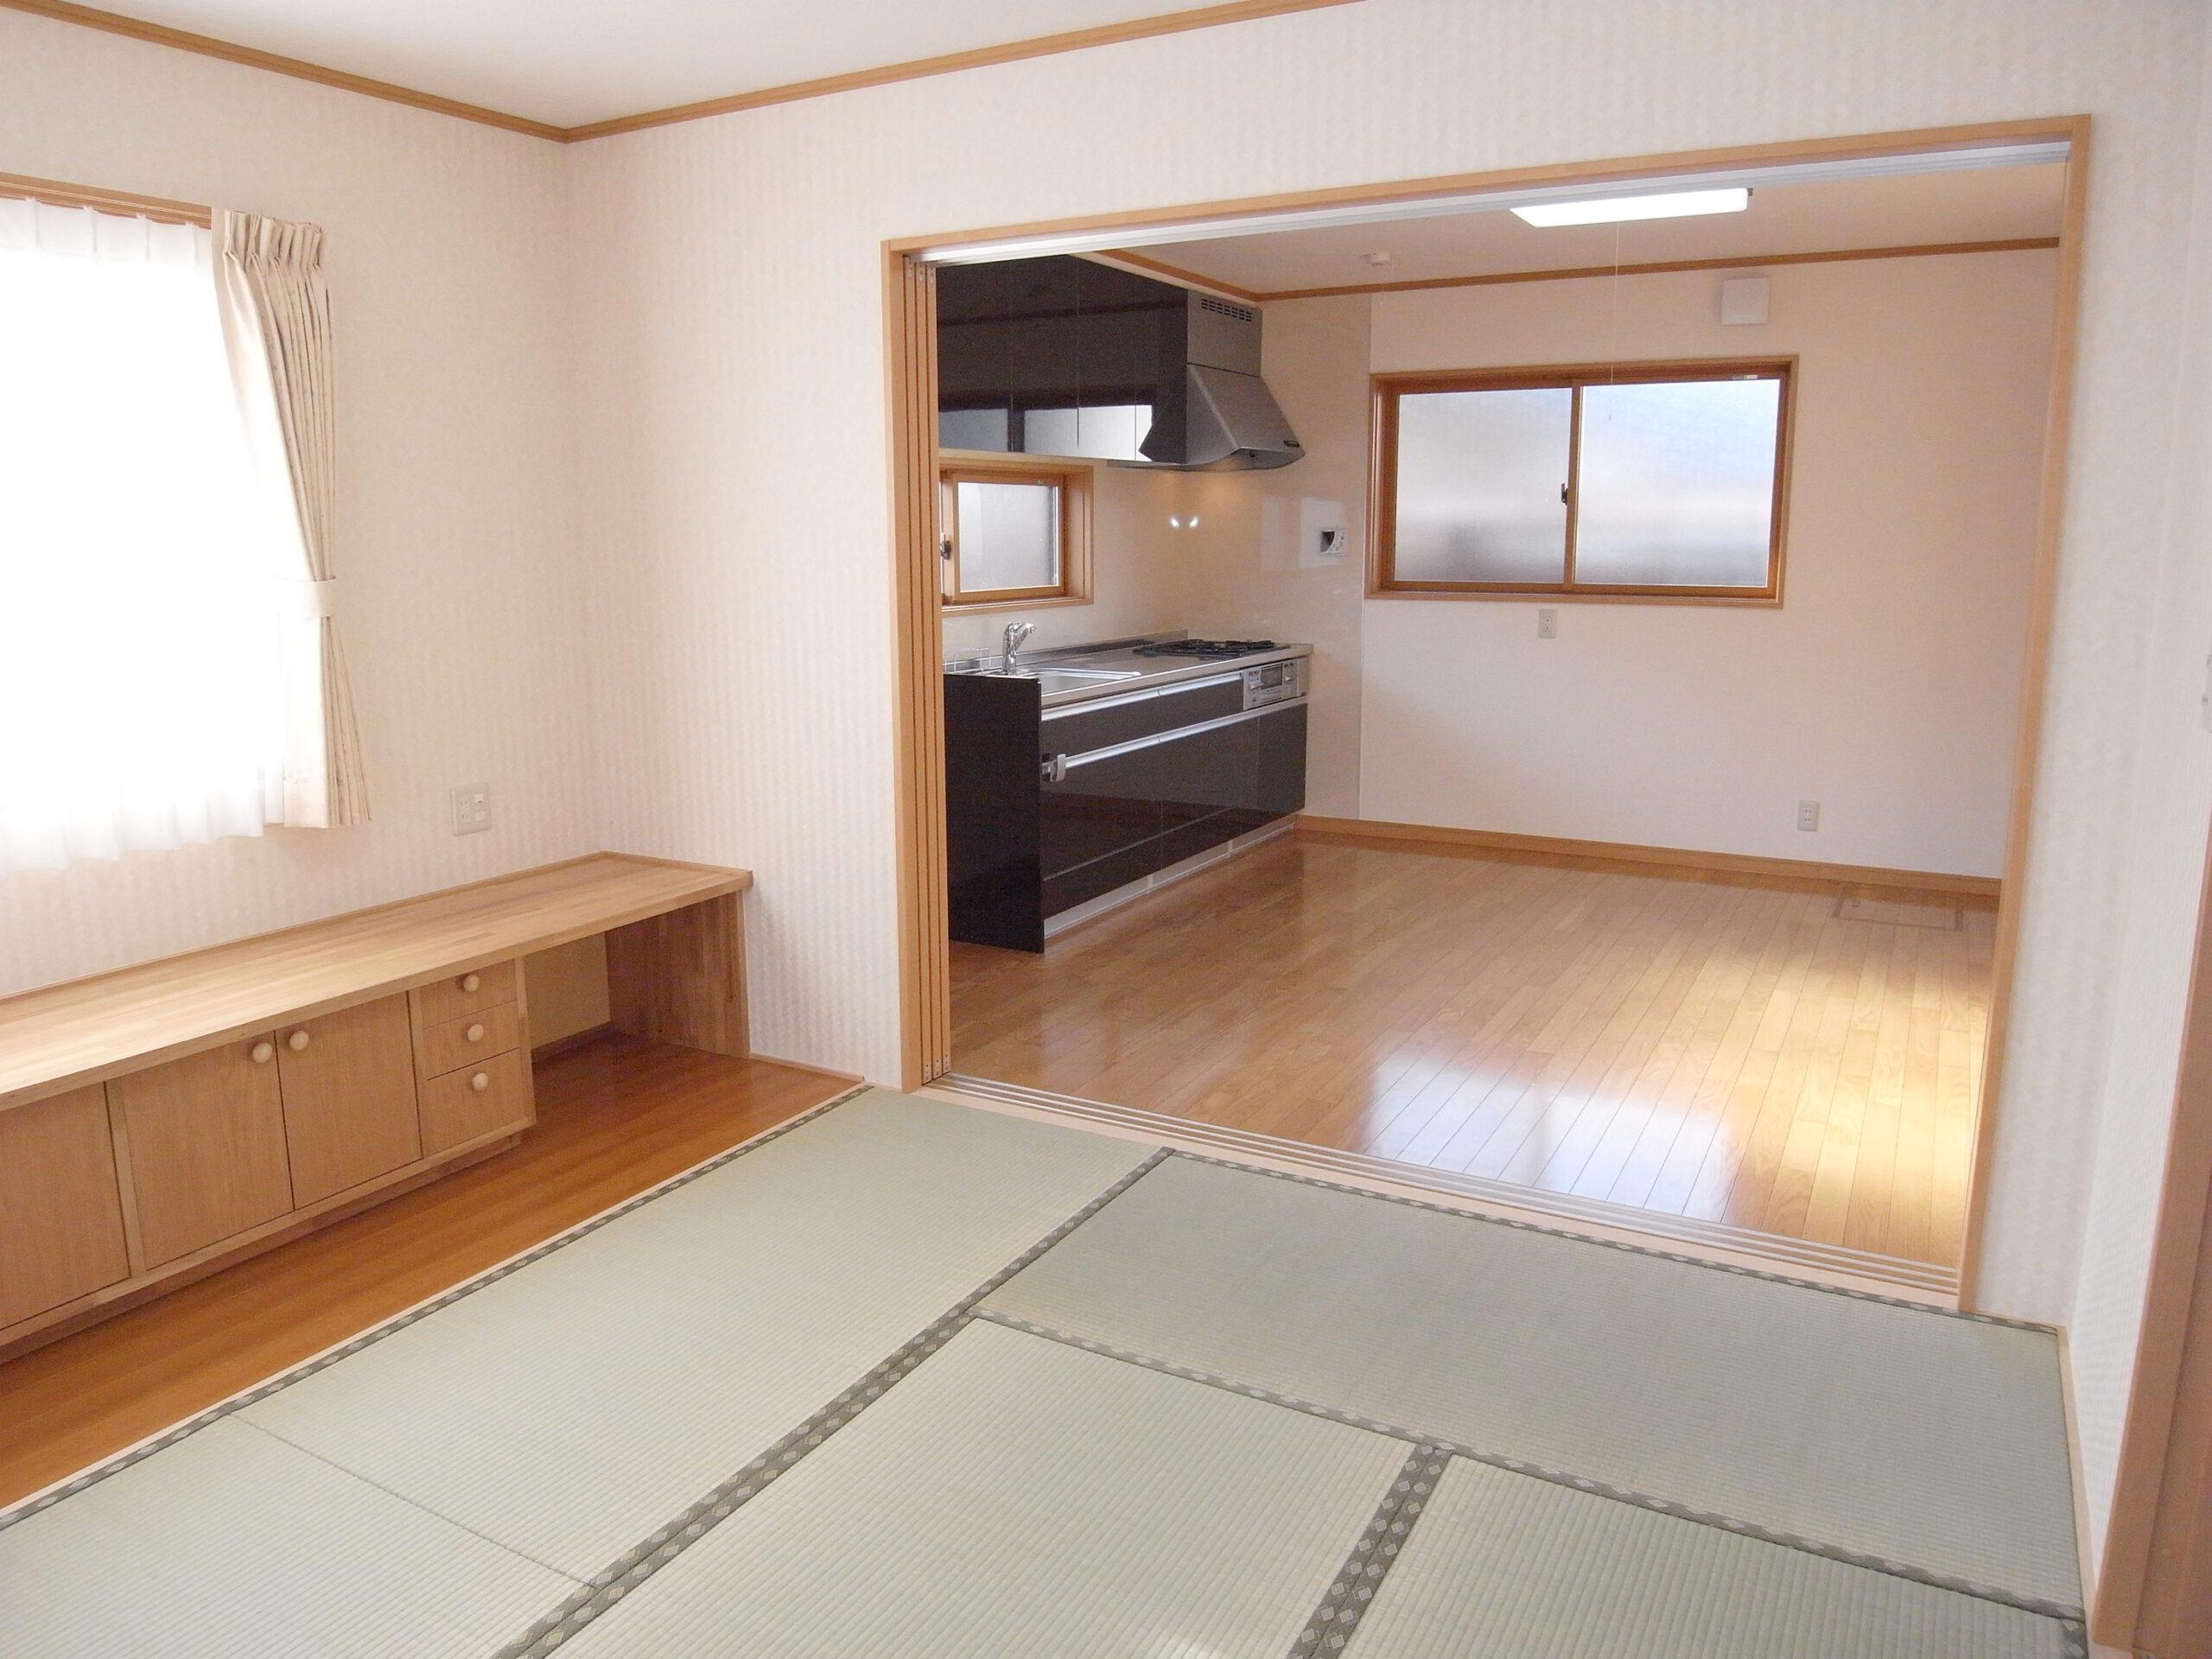 佐久市の注文住宅|在来工法で建てる玄関の広い2階建て住宅